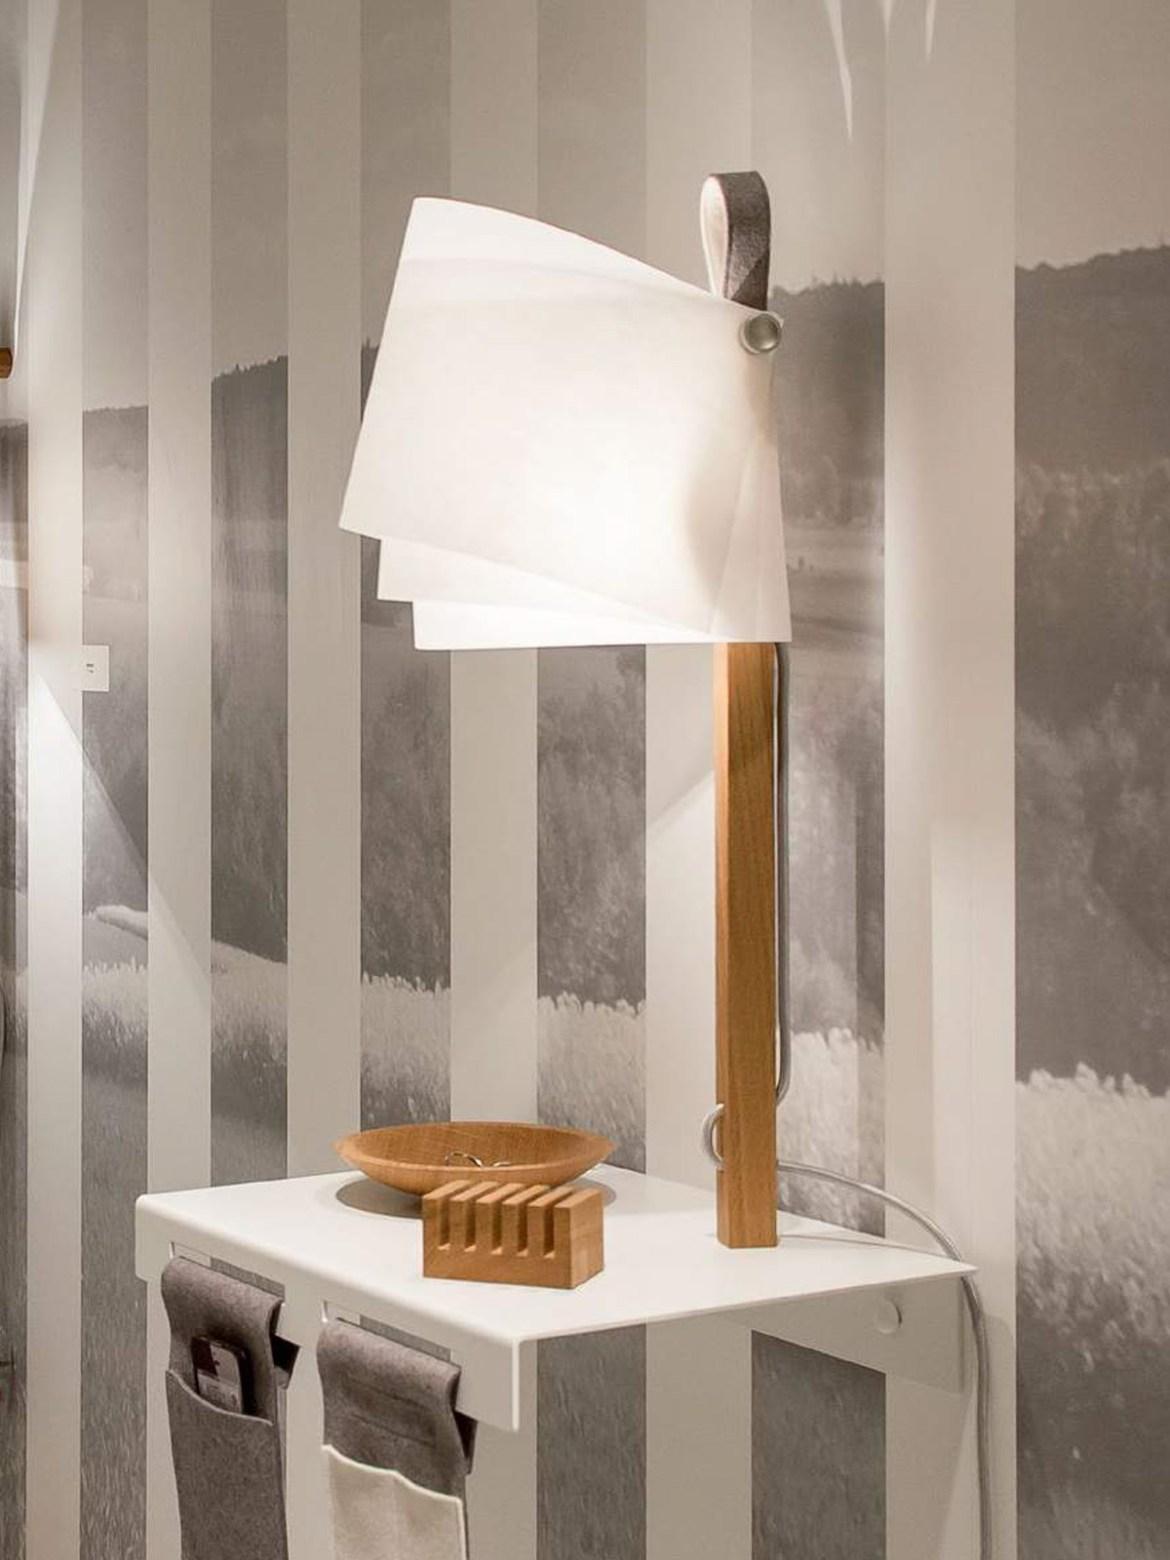 Flaeks Regalleuchte Designerleuchten mit Ablage bei DesignOrt Onlineshop Berlin